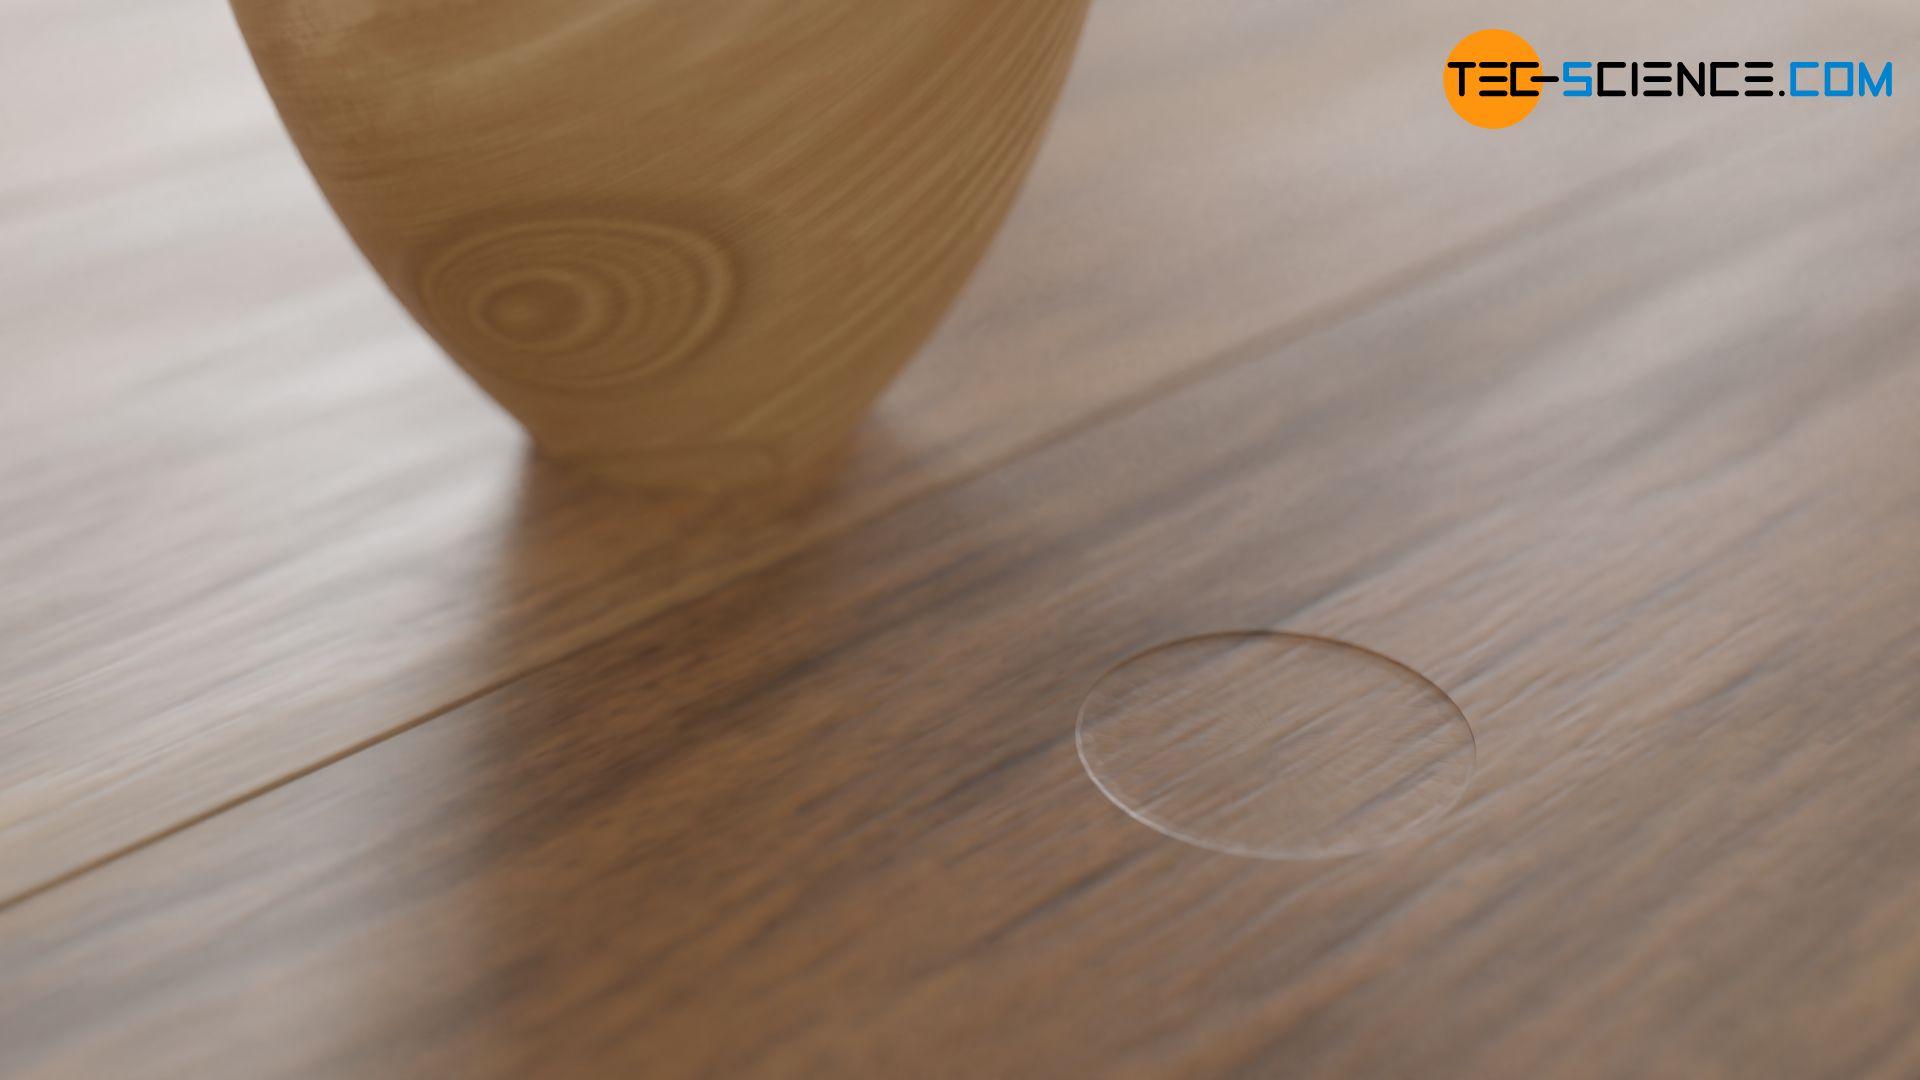 Druckstelle eines schweren Tisches auf einem Fußboden